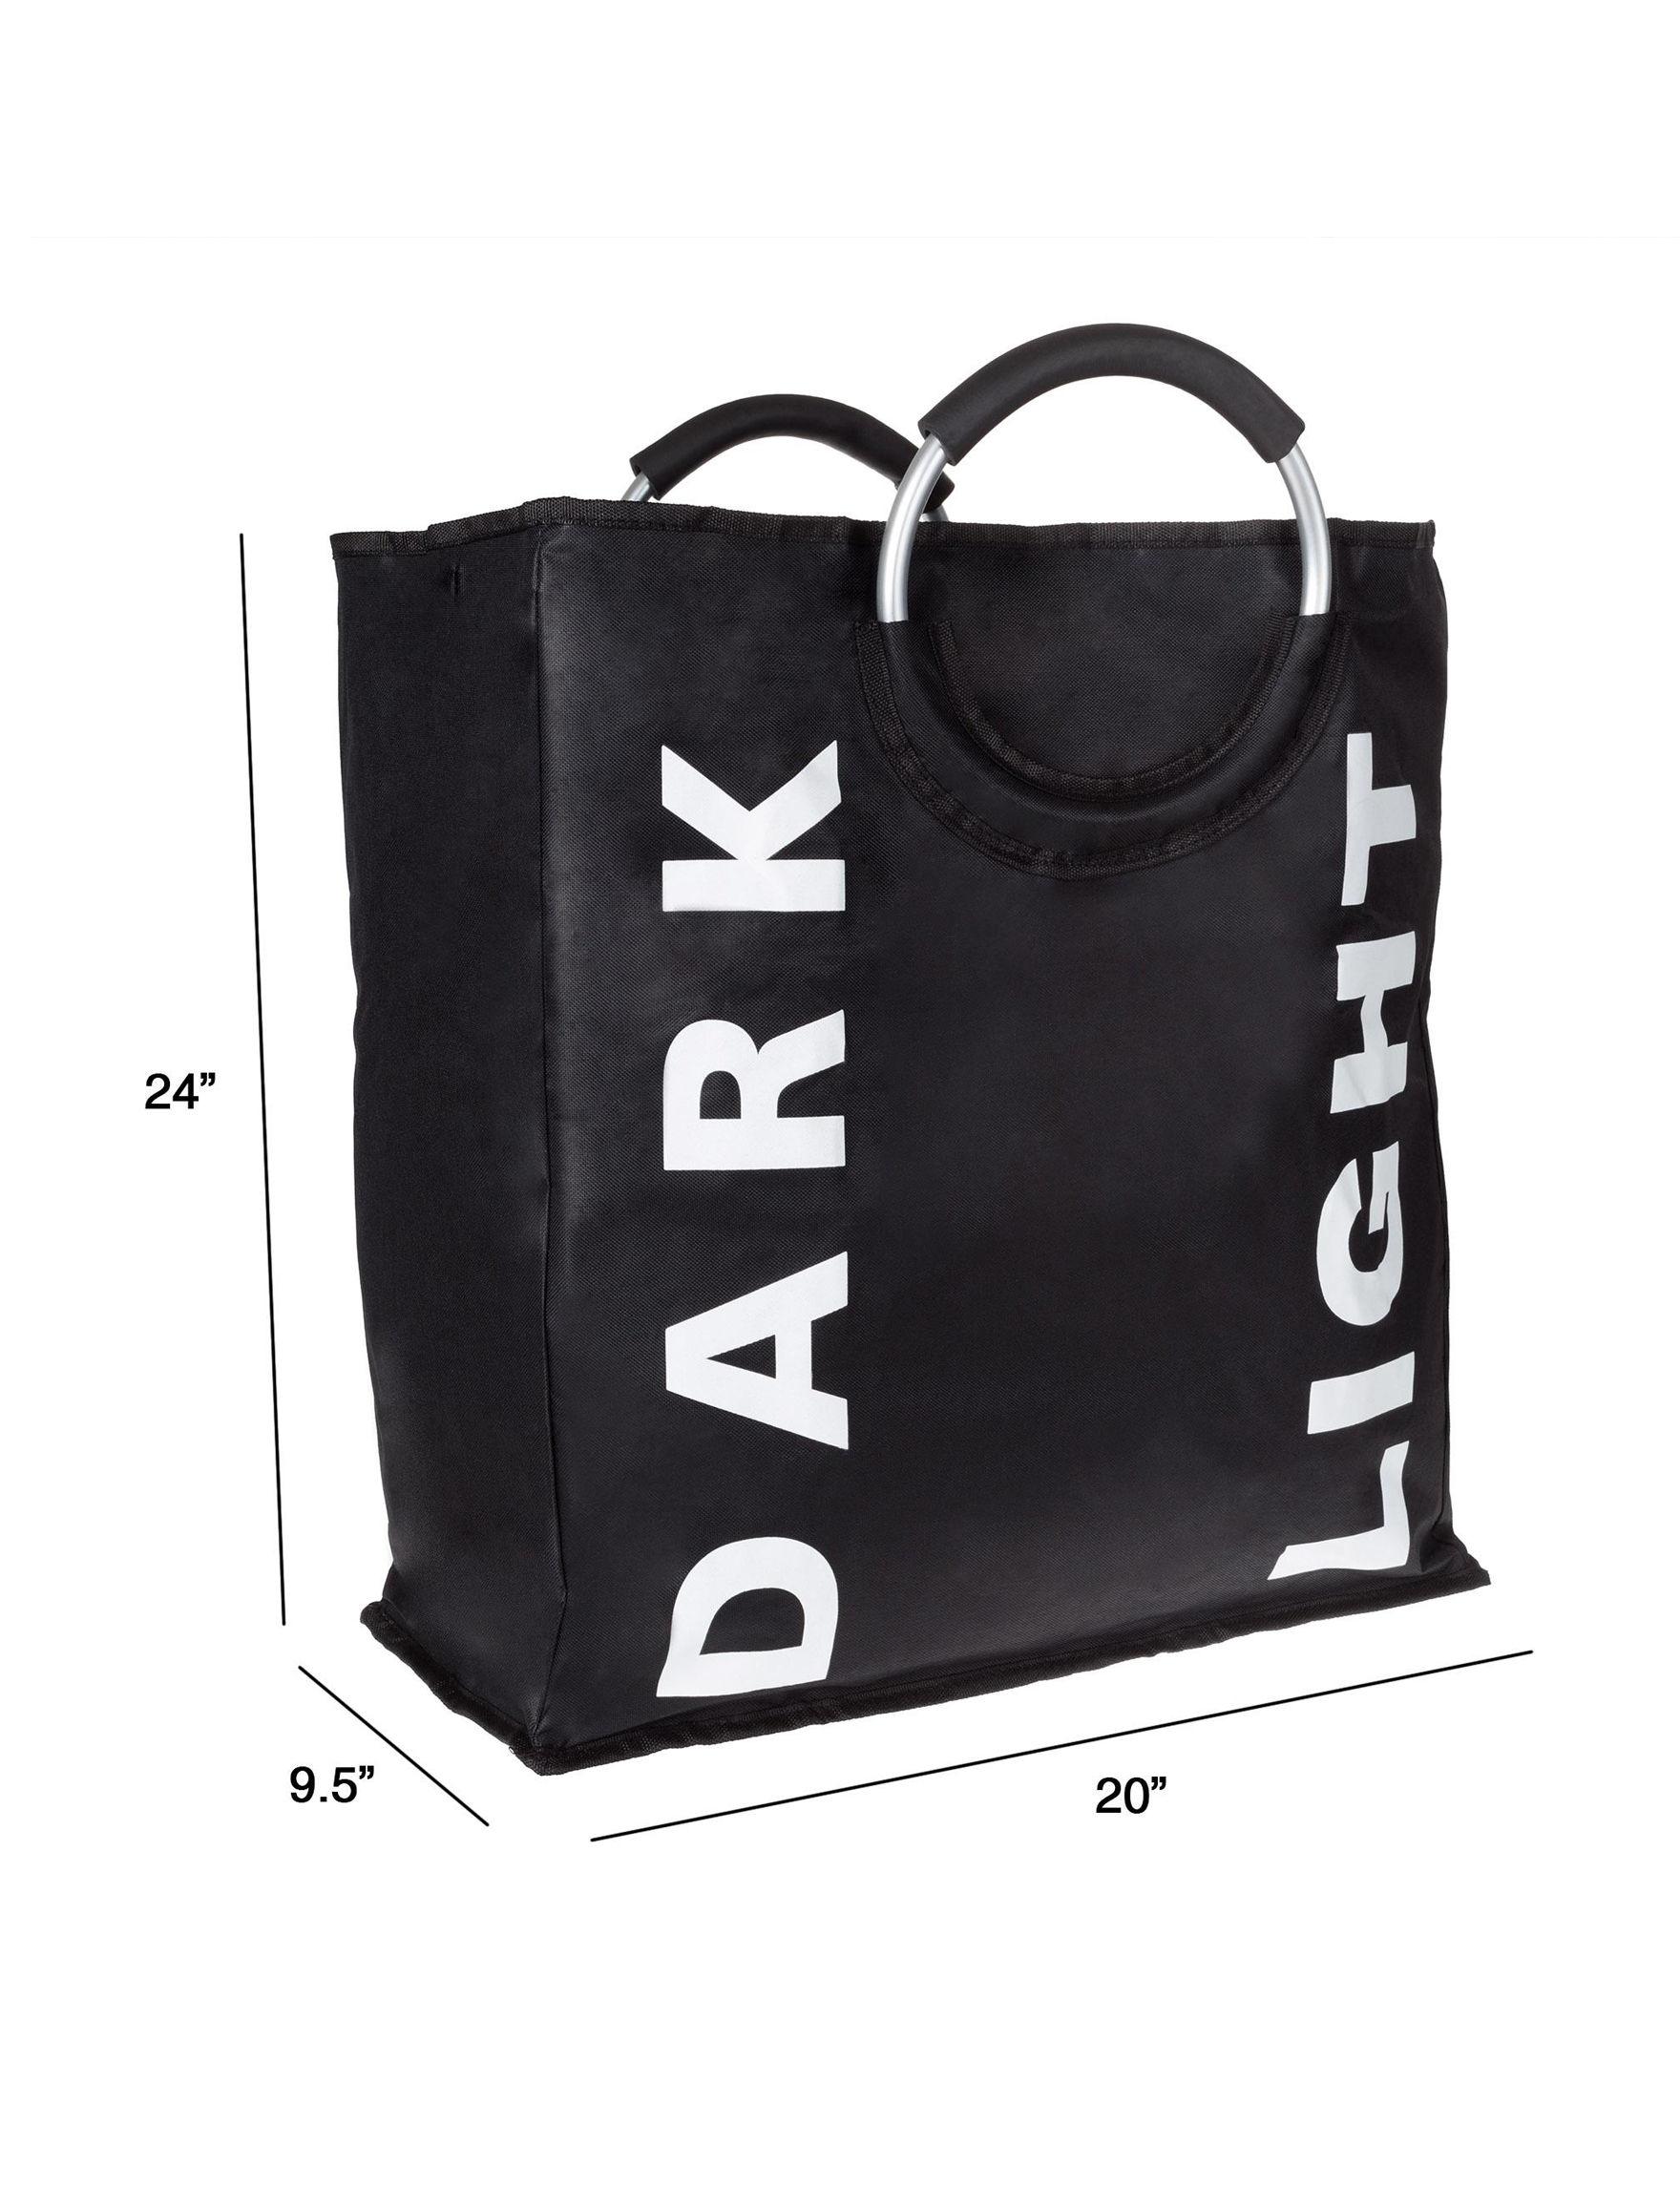 Lavish Home Black /  White Laundry Hampers Irons & Clothing Care